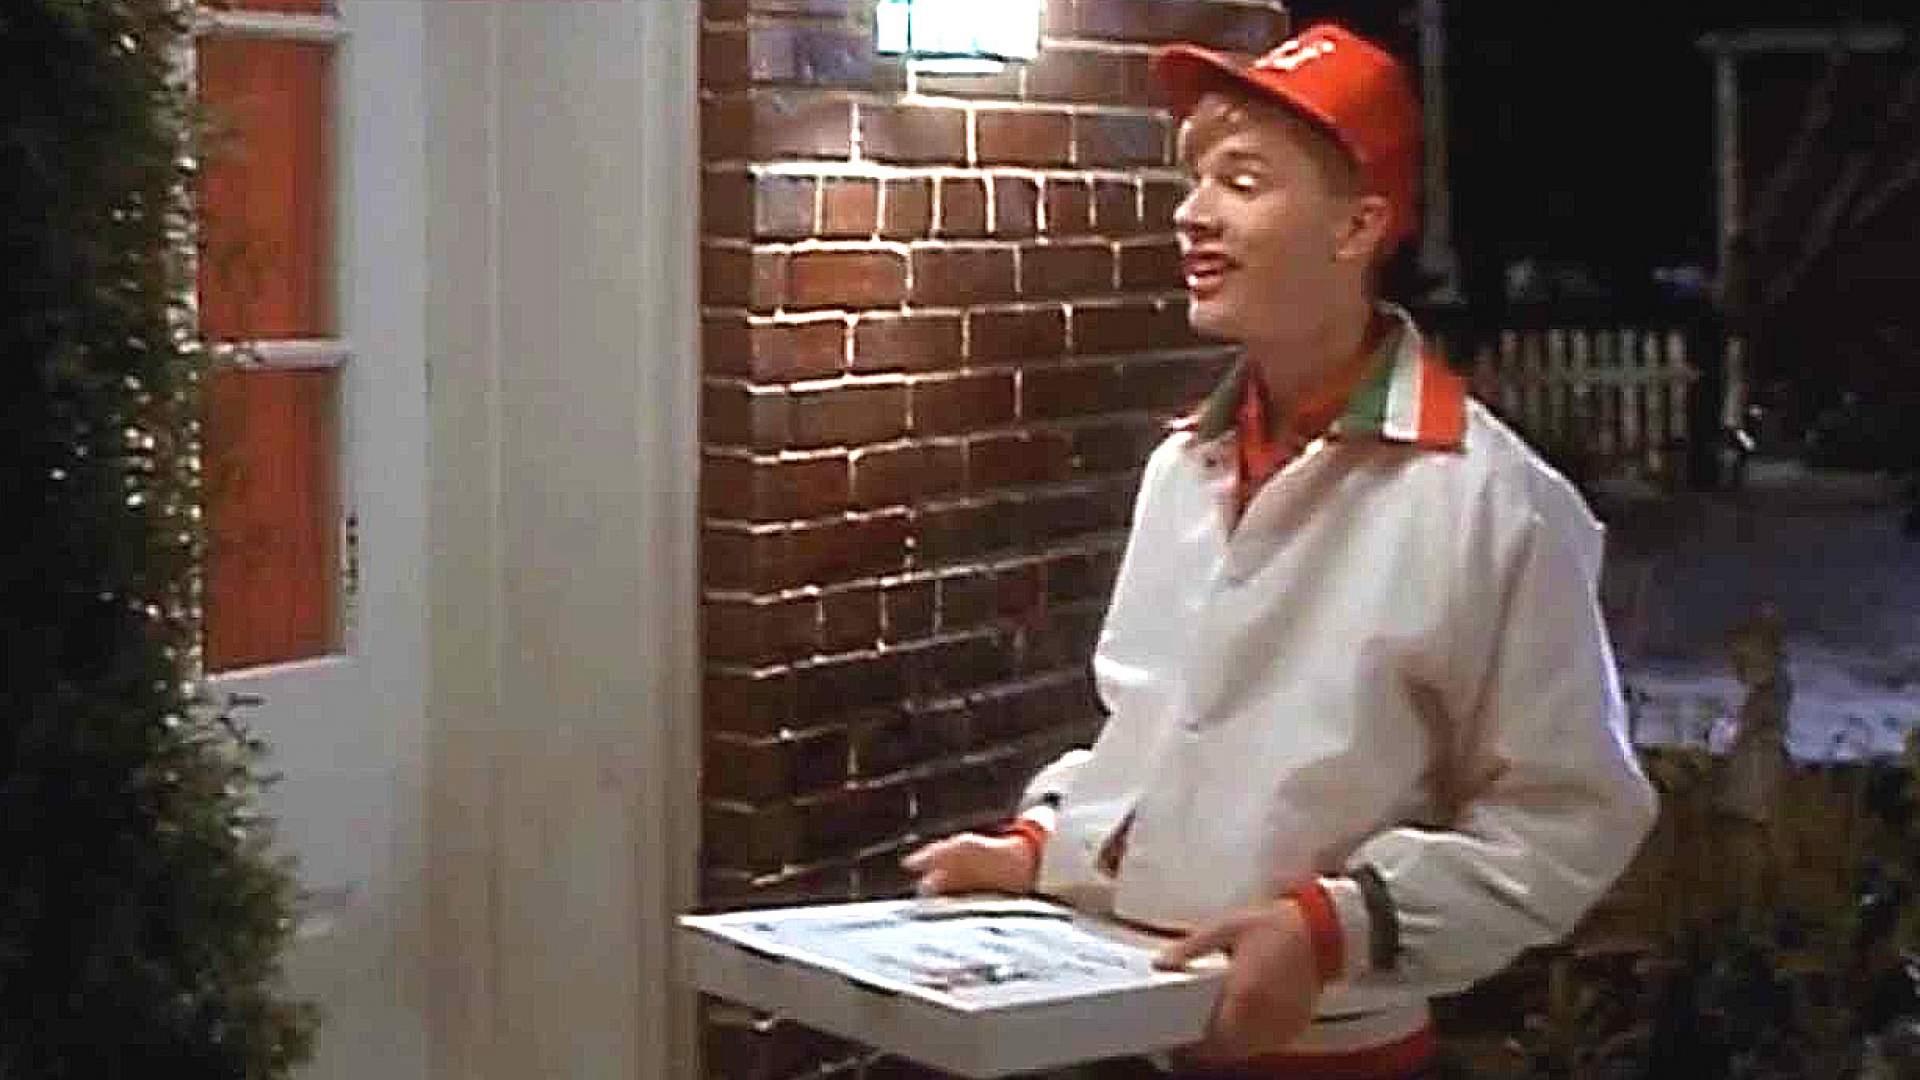 VIDEO: 'Kevin Allein Zu Haus' bekommt seine Pizza geliefert! Die epische Szene mit dem Videorekorder!